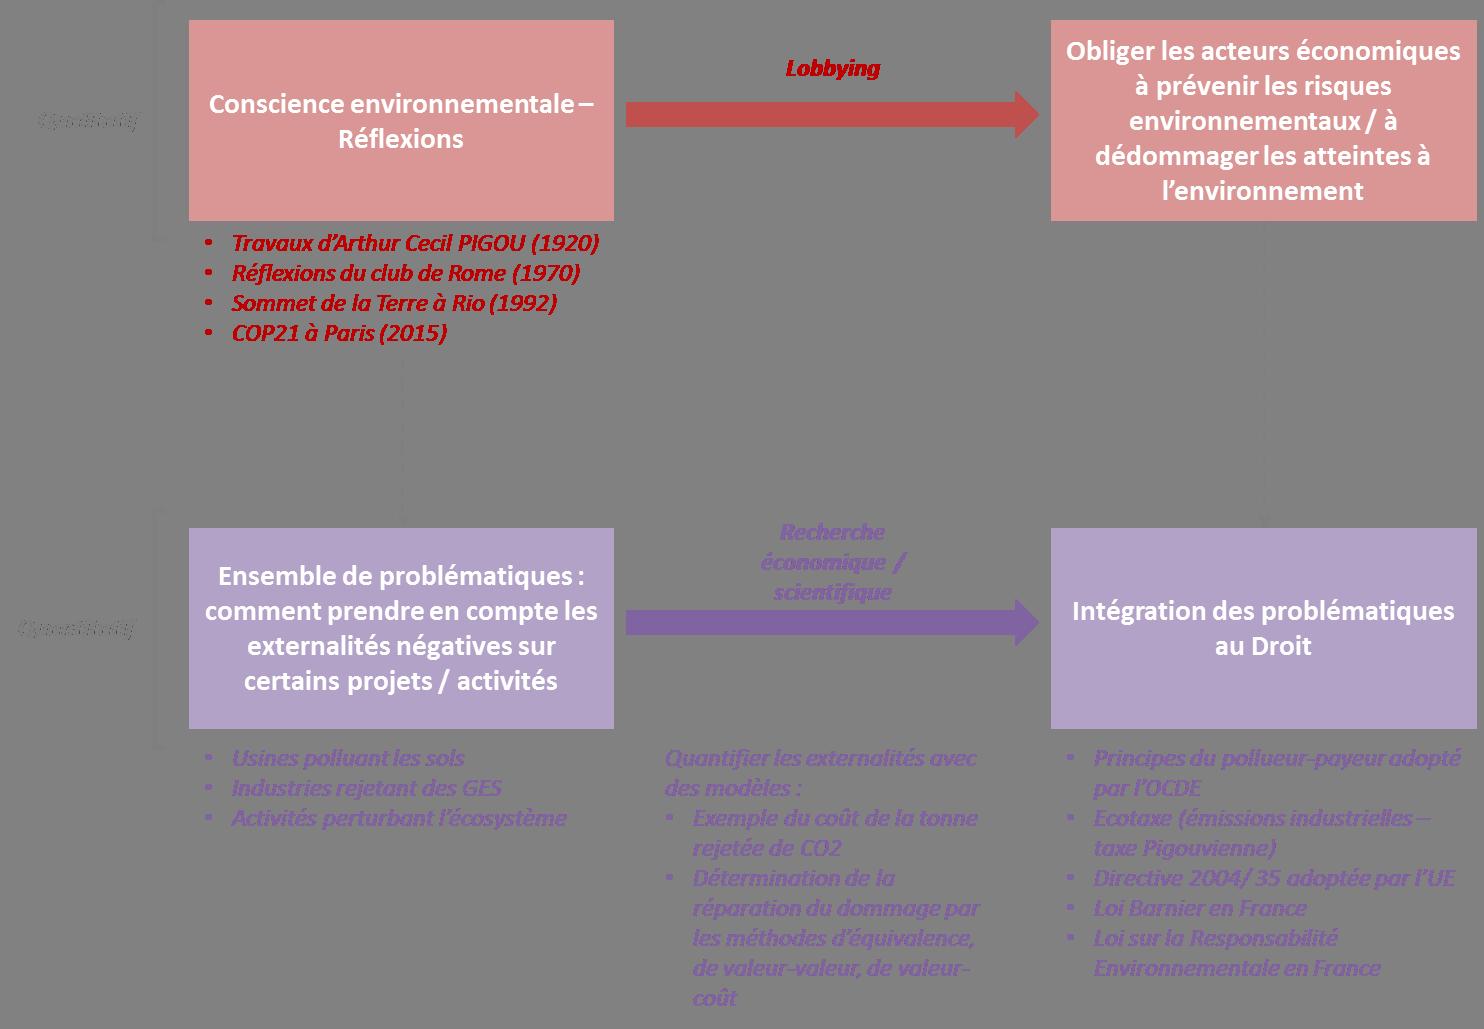 Processus d'intégration au Droit des problématiques environnementales